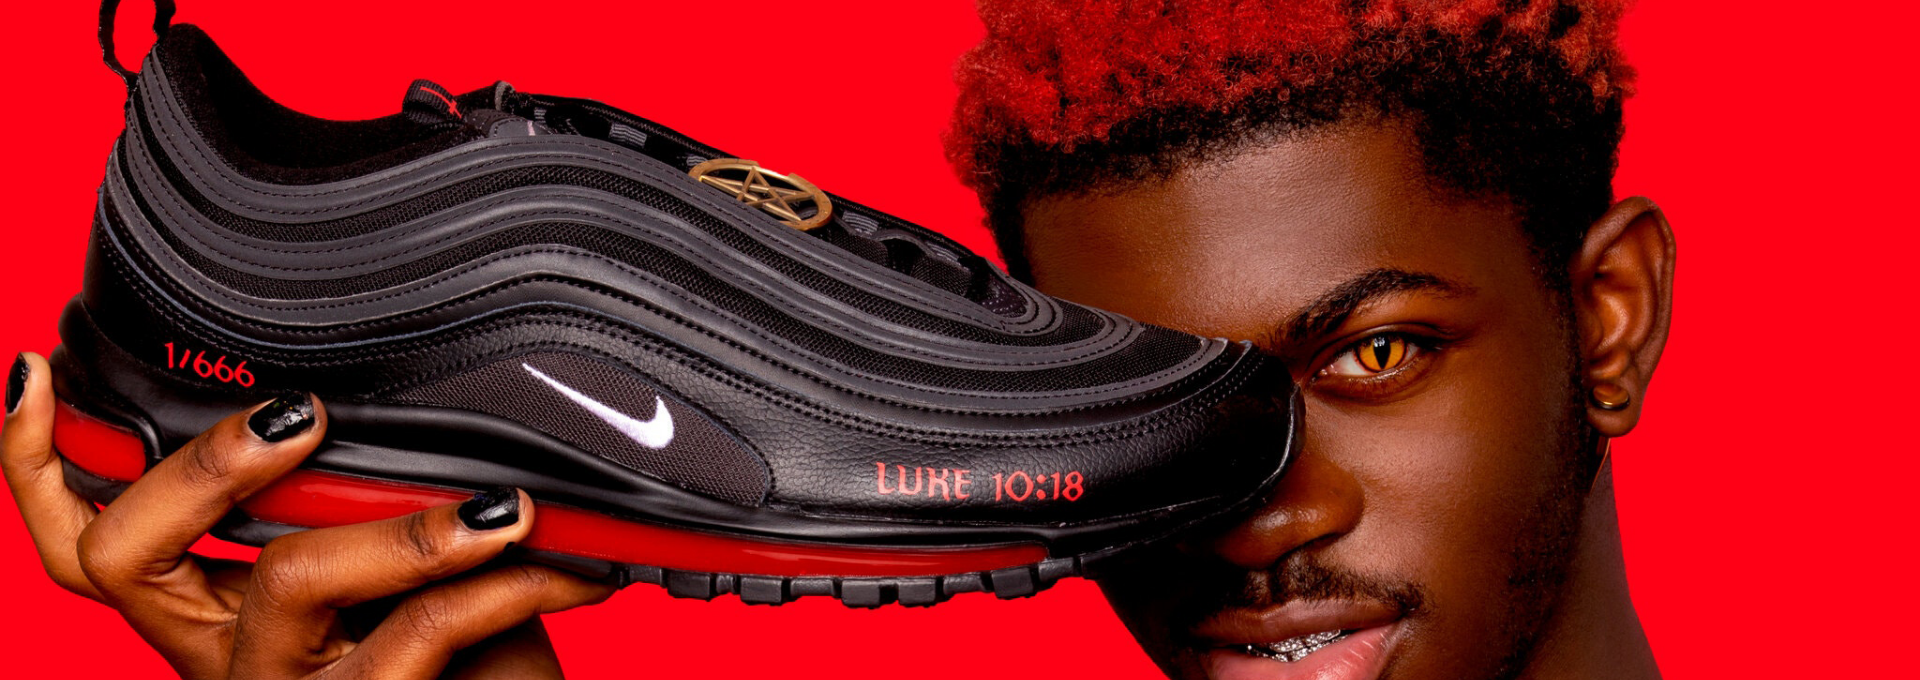 聯名「撒旦鞋」被 Nike 提告,Lil Nas X 熱議單曲〈MONTERO〉